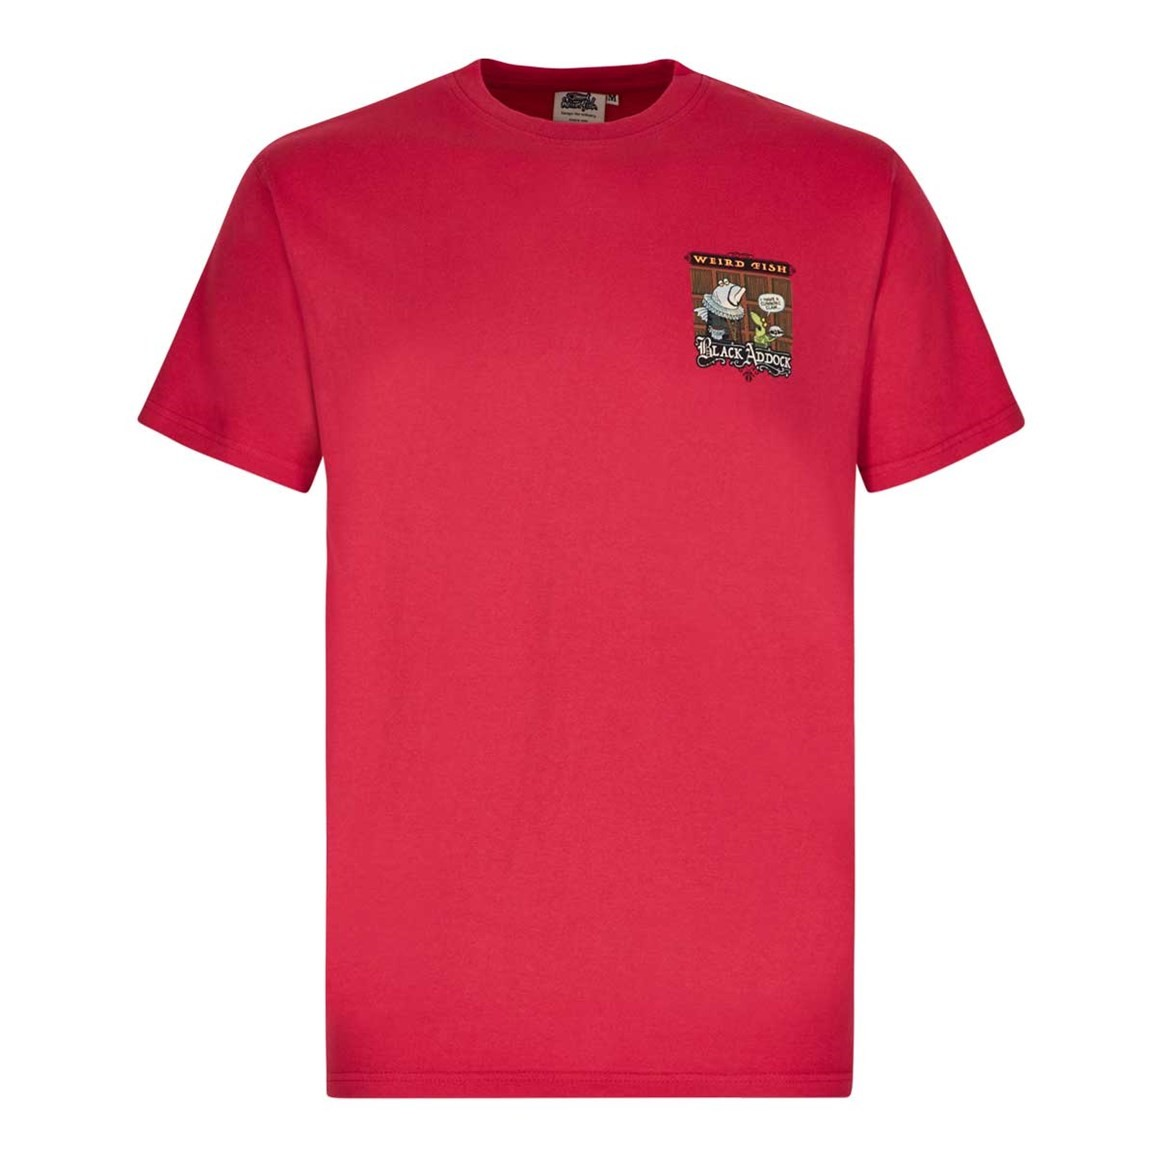 Weird fish blackaddock artist t shirt ebay for Weird fish t shirts